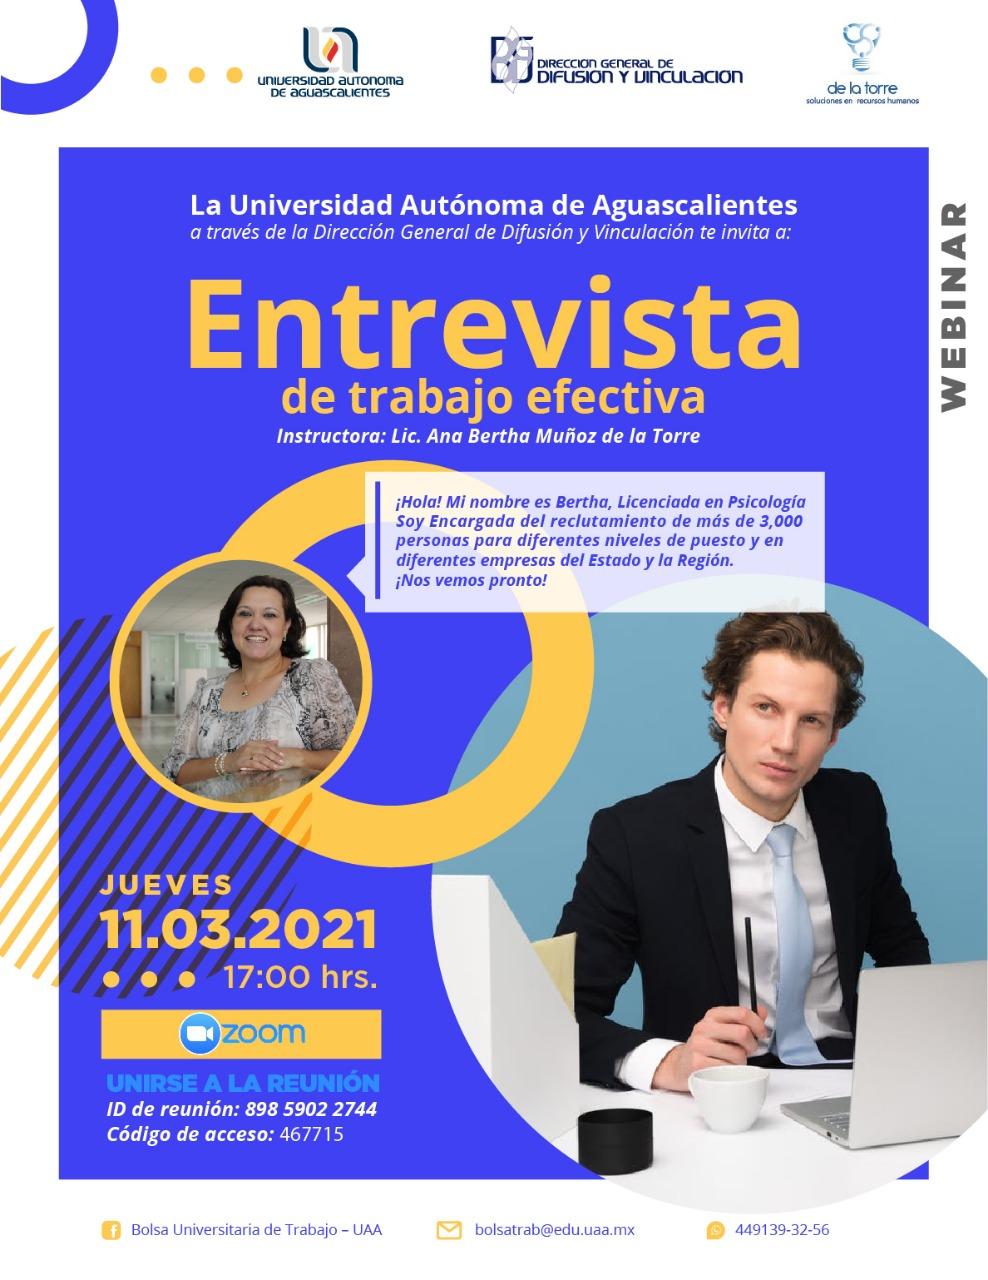 Webinar: Entrevista de trabajo efectiva